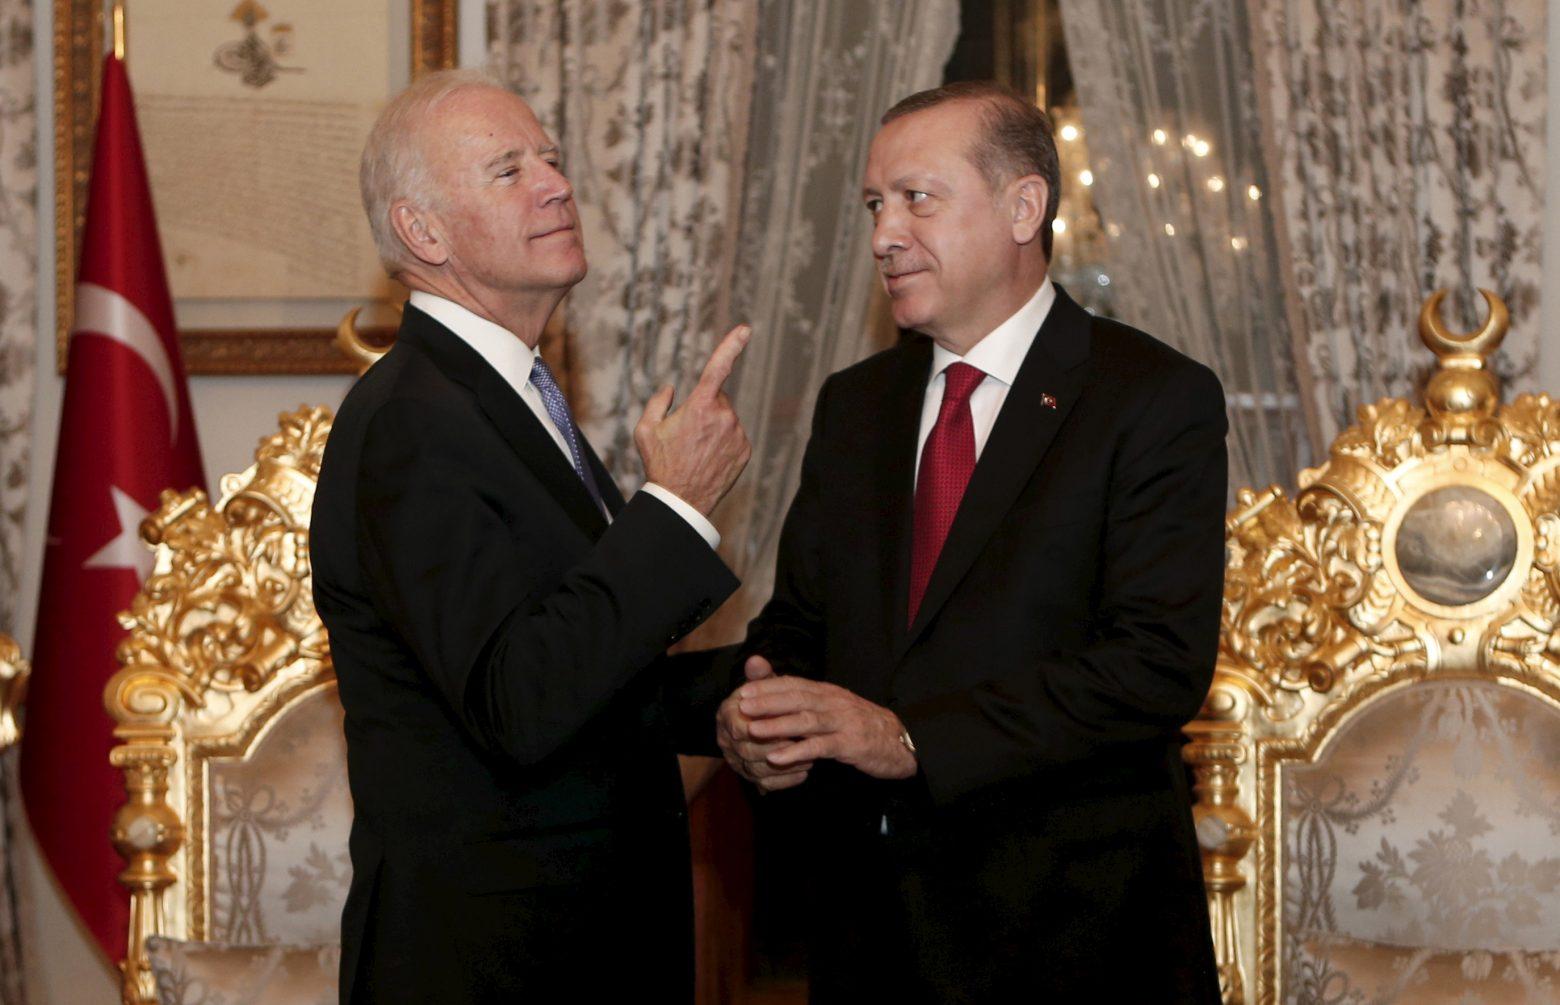 Νέο αμερικανικό χαστούκι στην Τουρκία: Να πακετάρετε τους S-400 και να τους στείλετε πίσω στον Πούτιν